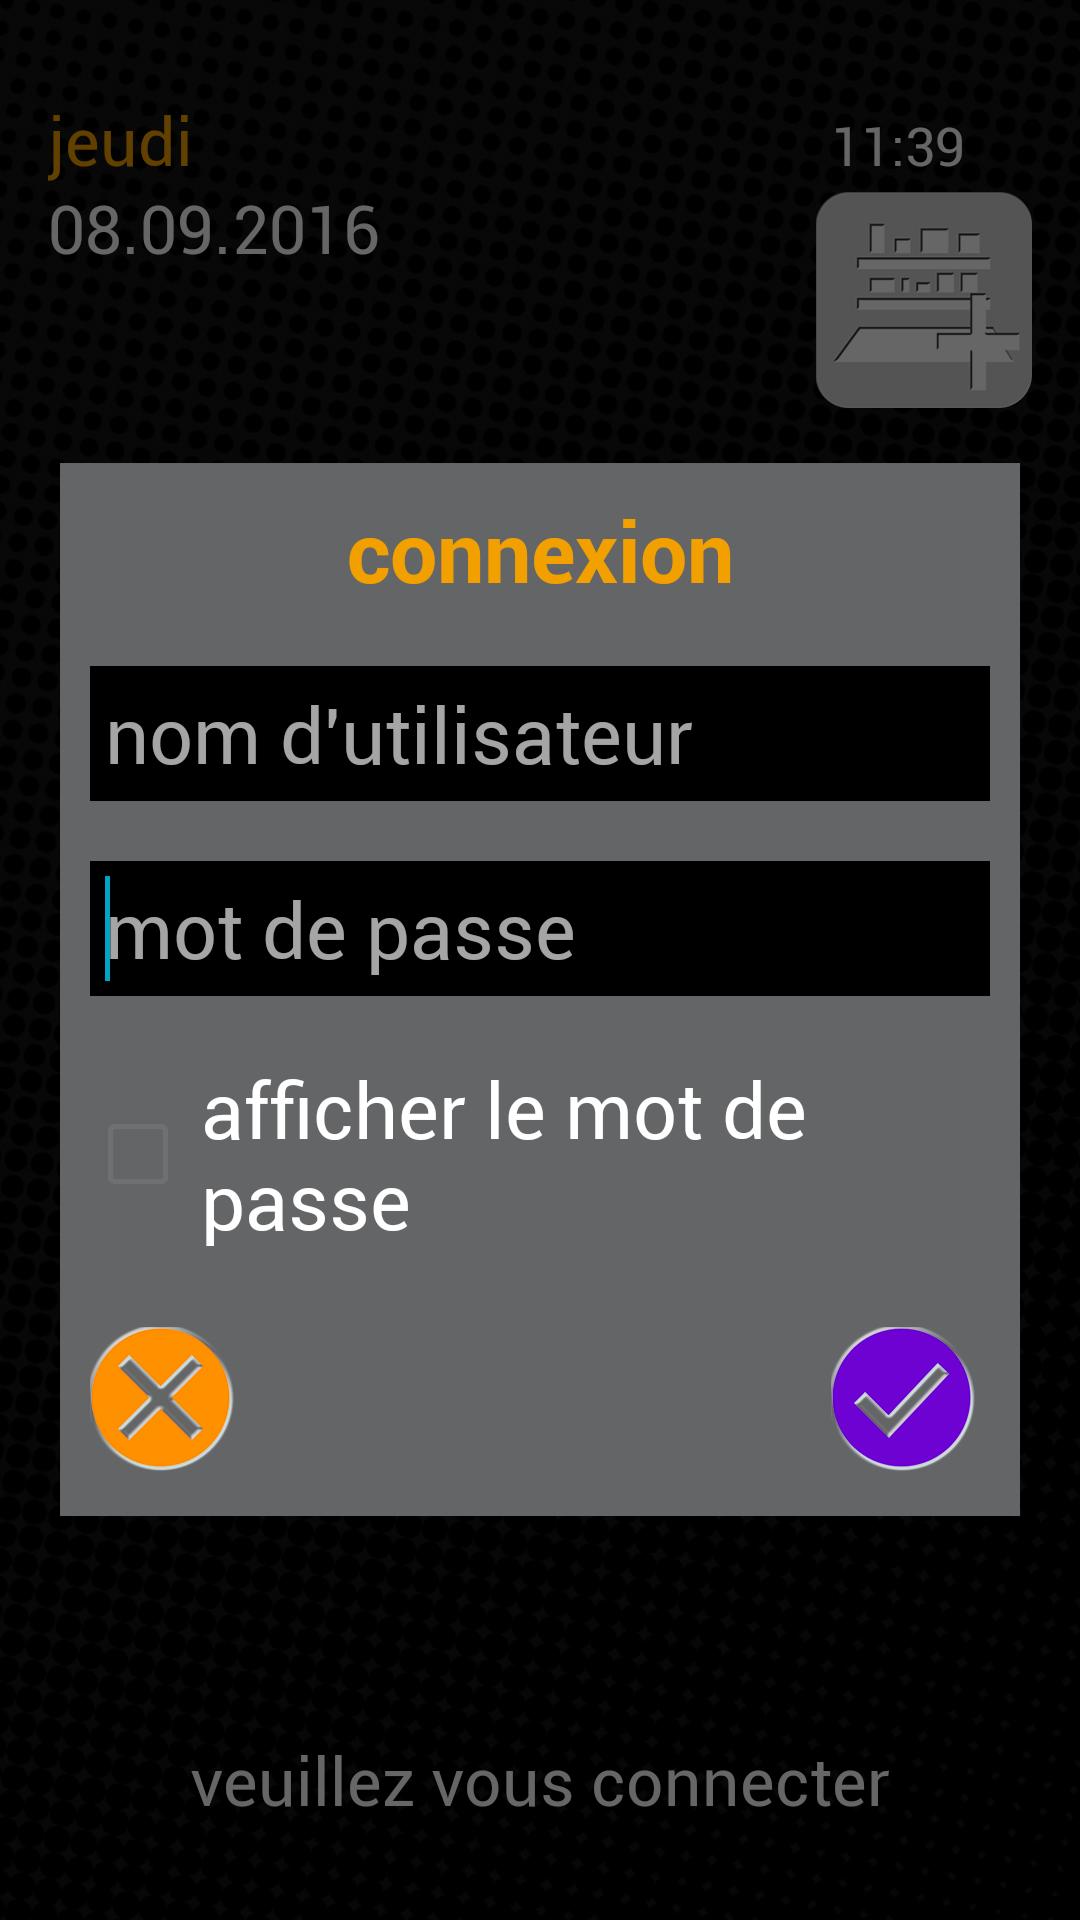 ginstr_app_RackJobberManagerPlus_FR_6